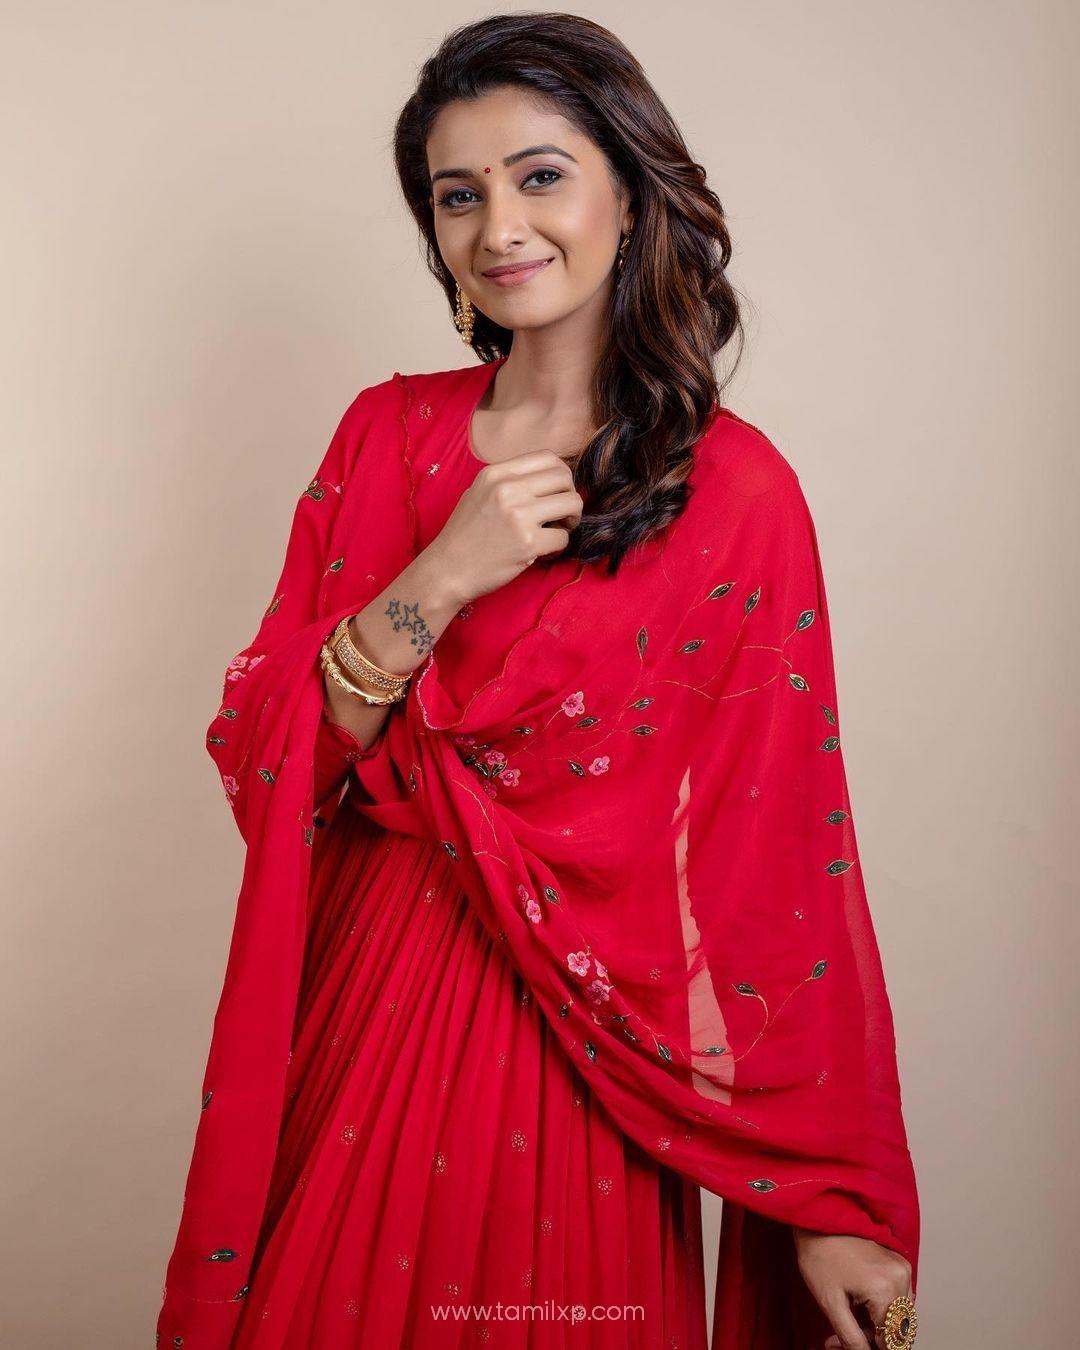 Actress Priya Bhavani Shankar